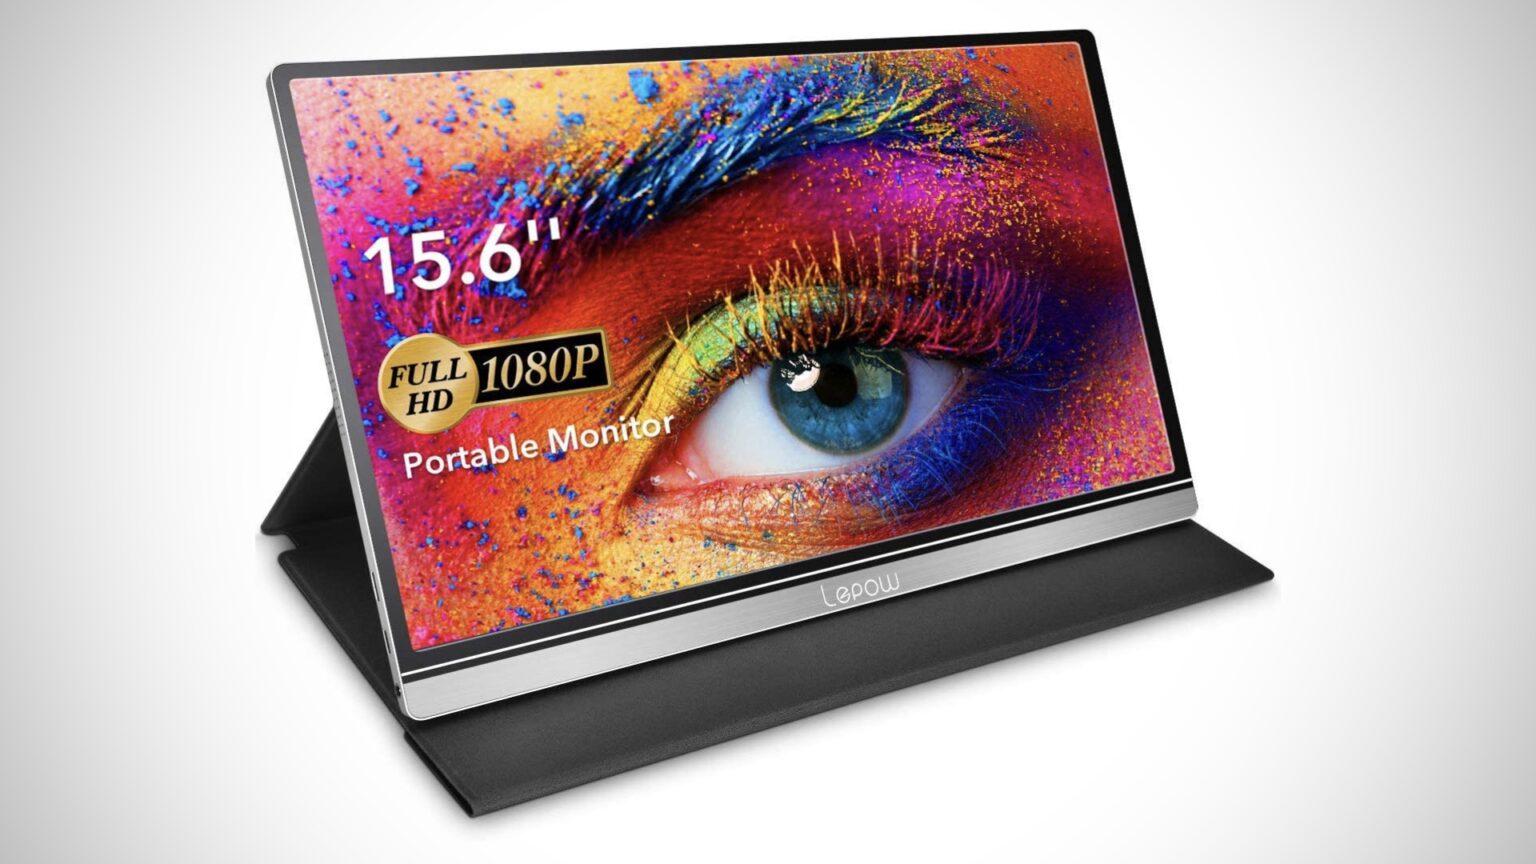 Lepow-portable-monitor